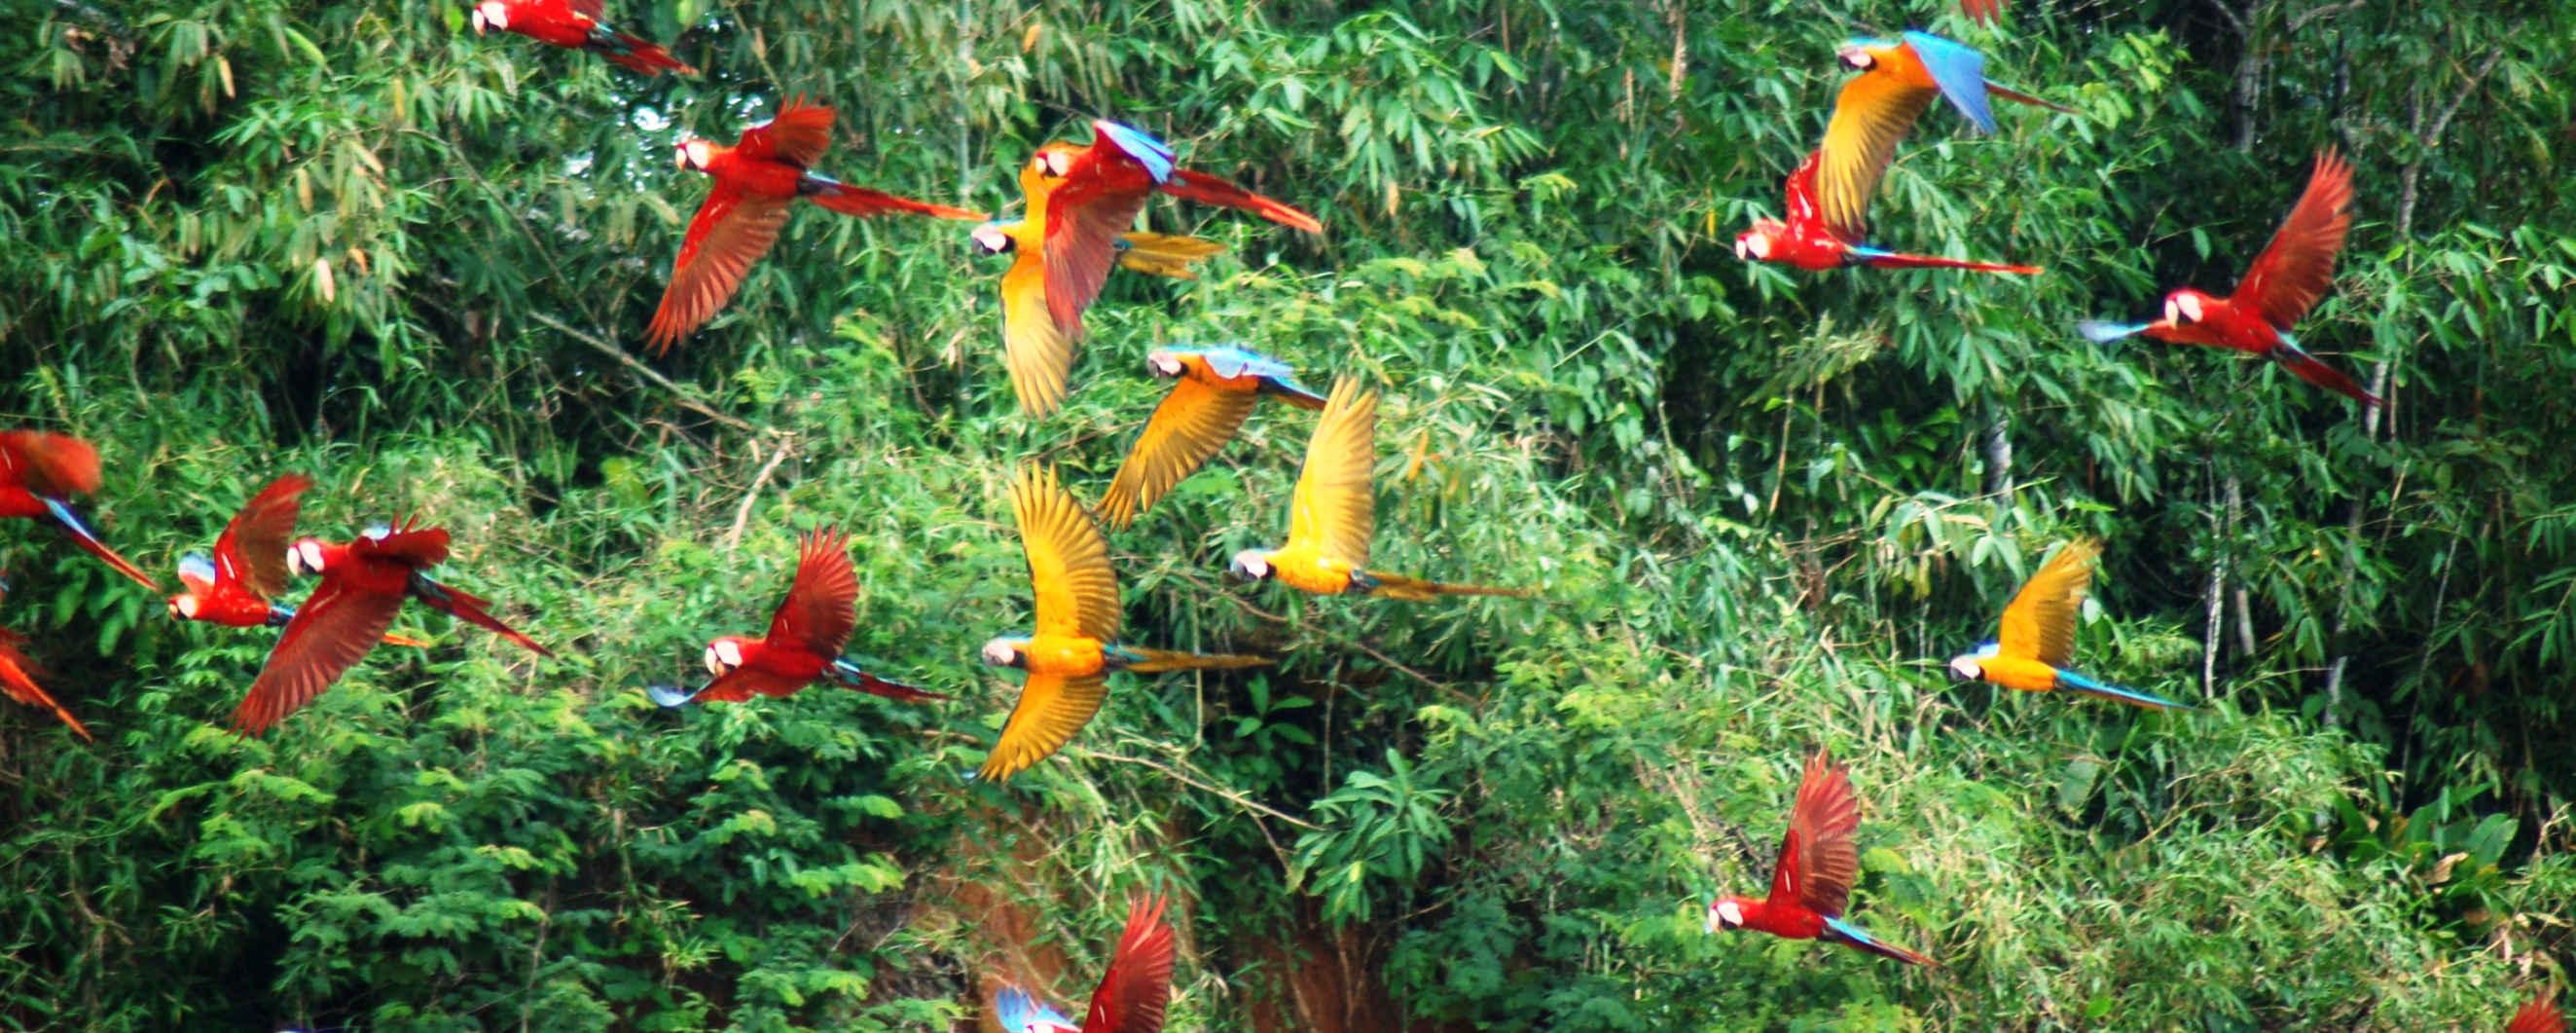 AMAZZONIA TAMBOPATA  turismo  E VIAGGIO responsabile etico e solidale in peru ww